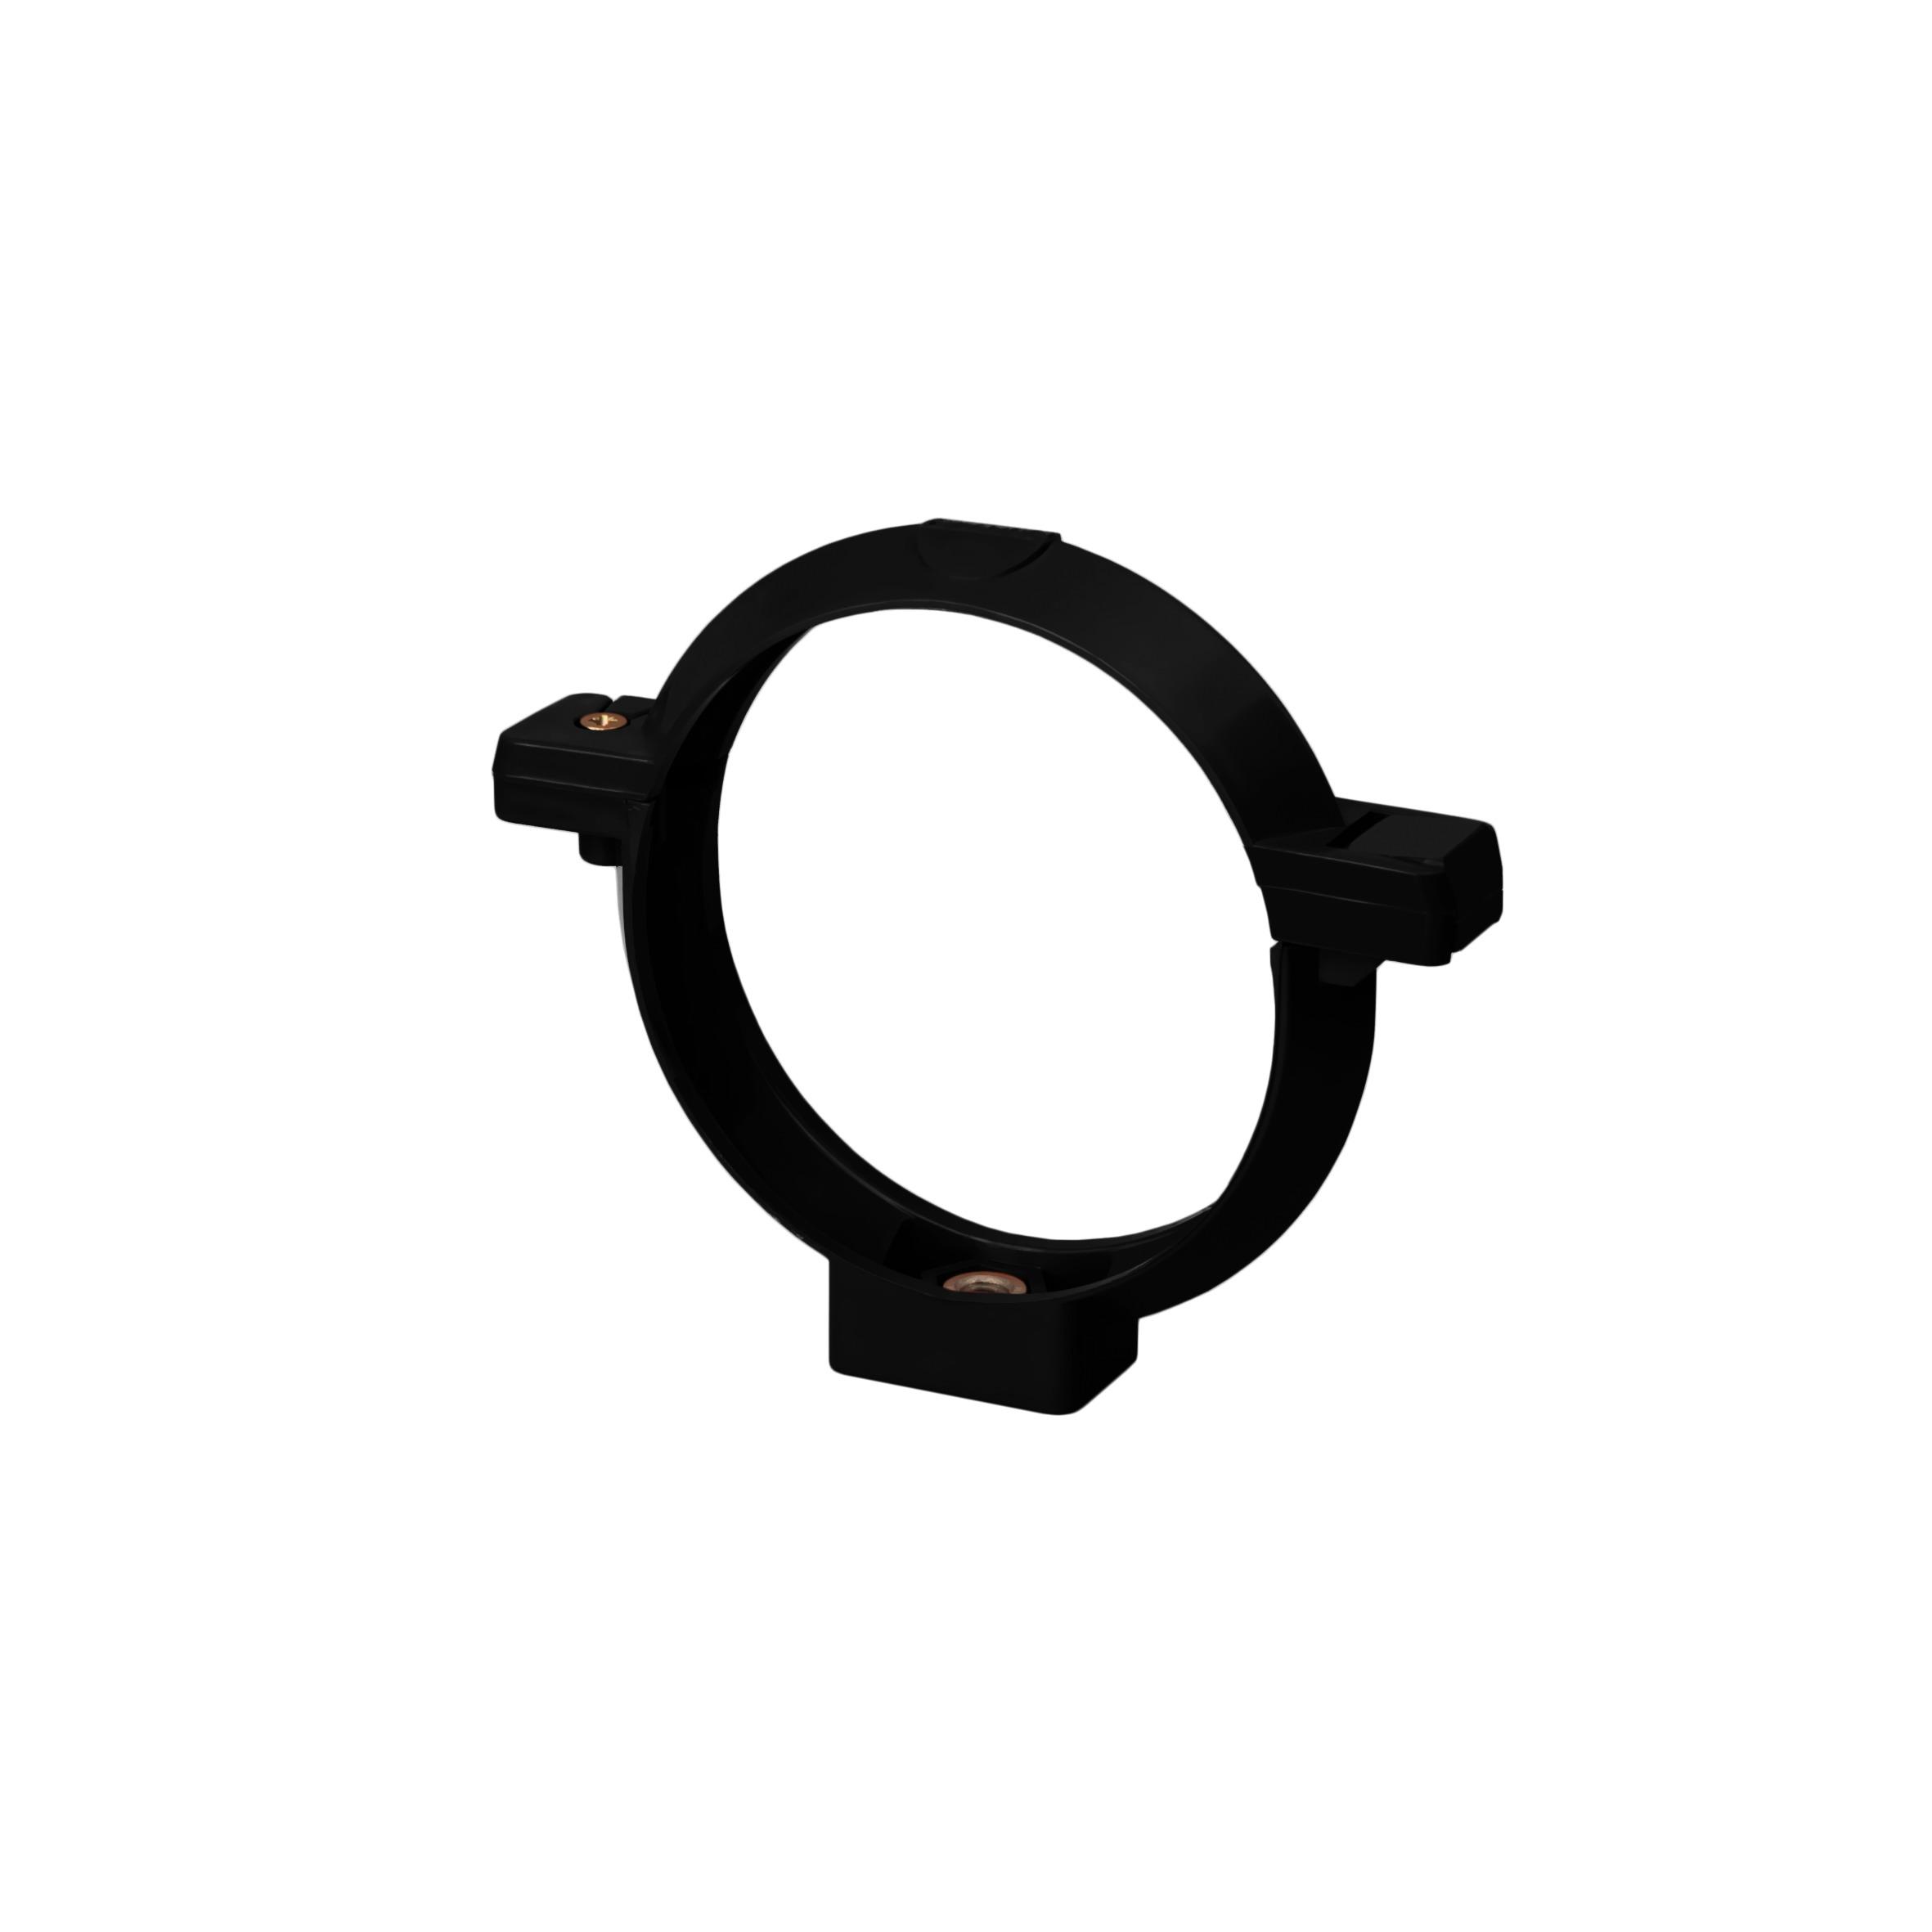 Хомут труби, чорний 100мм/Ø RainWay